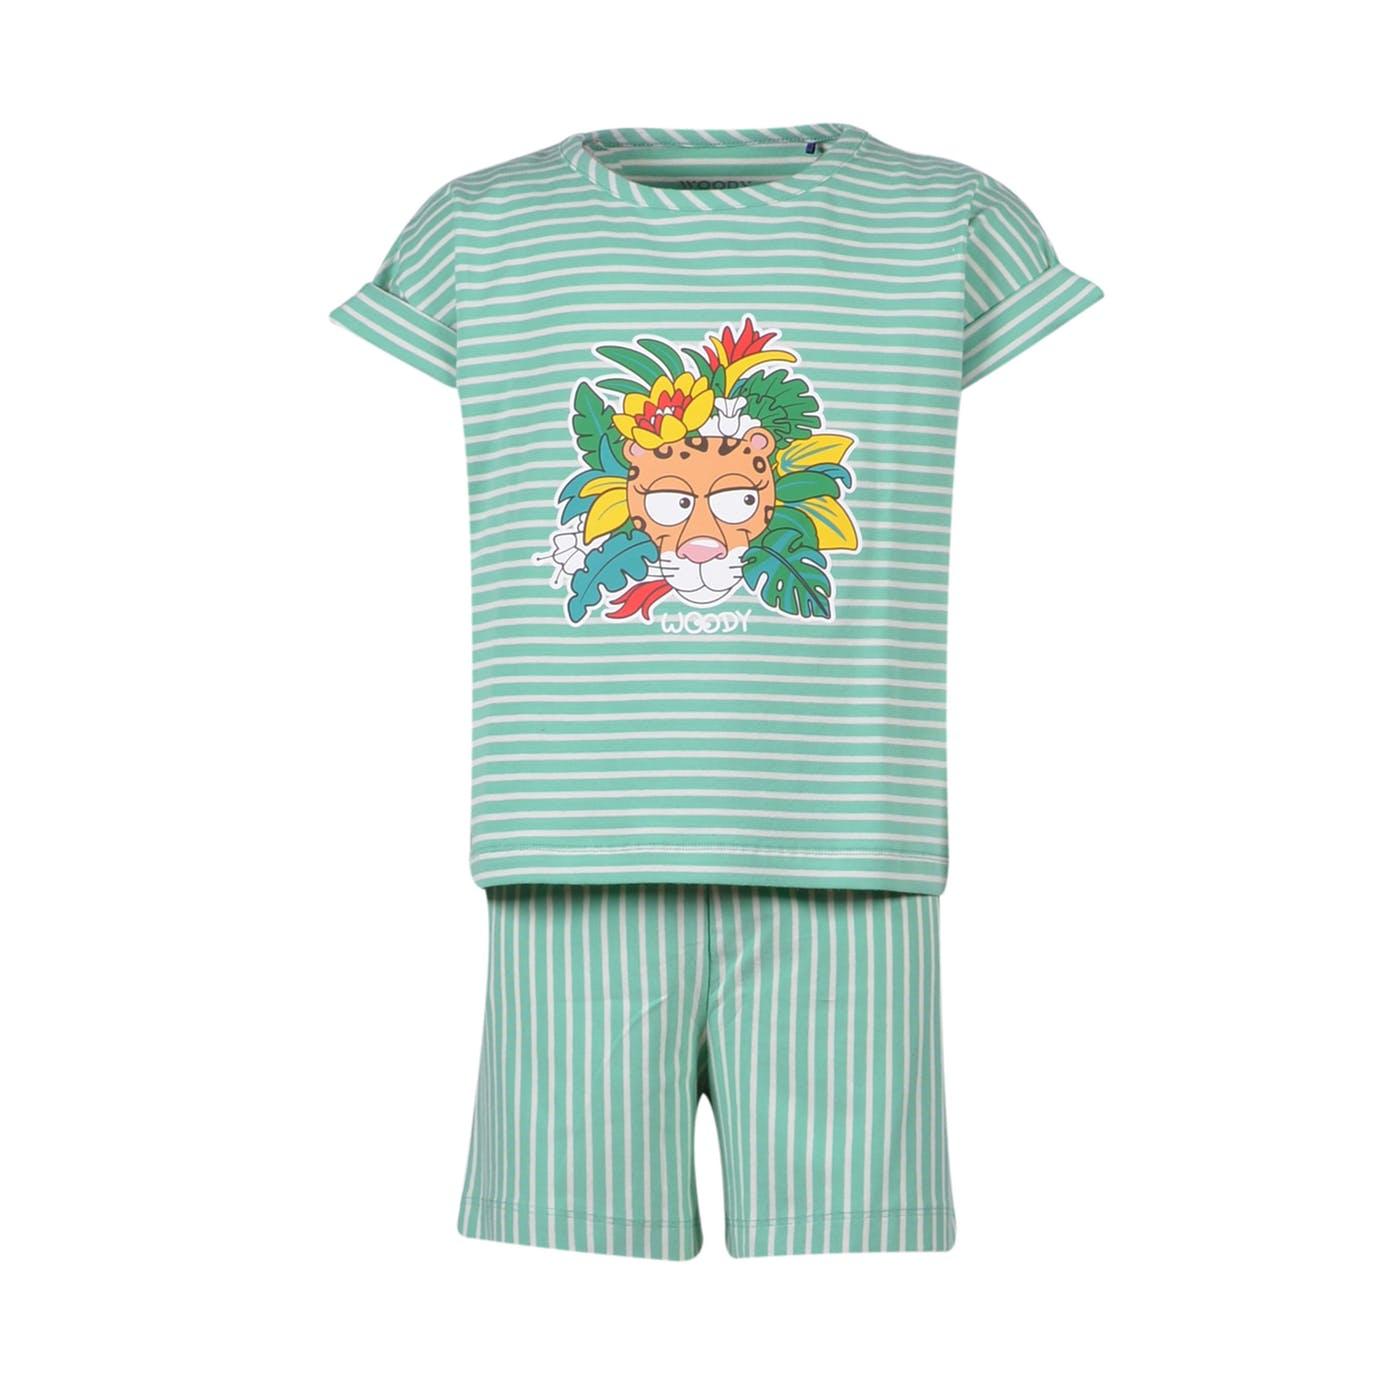 Woody Meisjes-Dames pyjama, jadegroen-wit gestreep